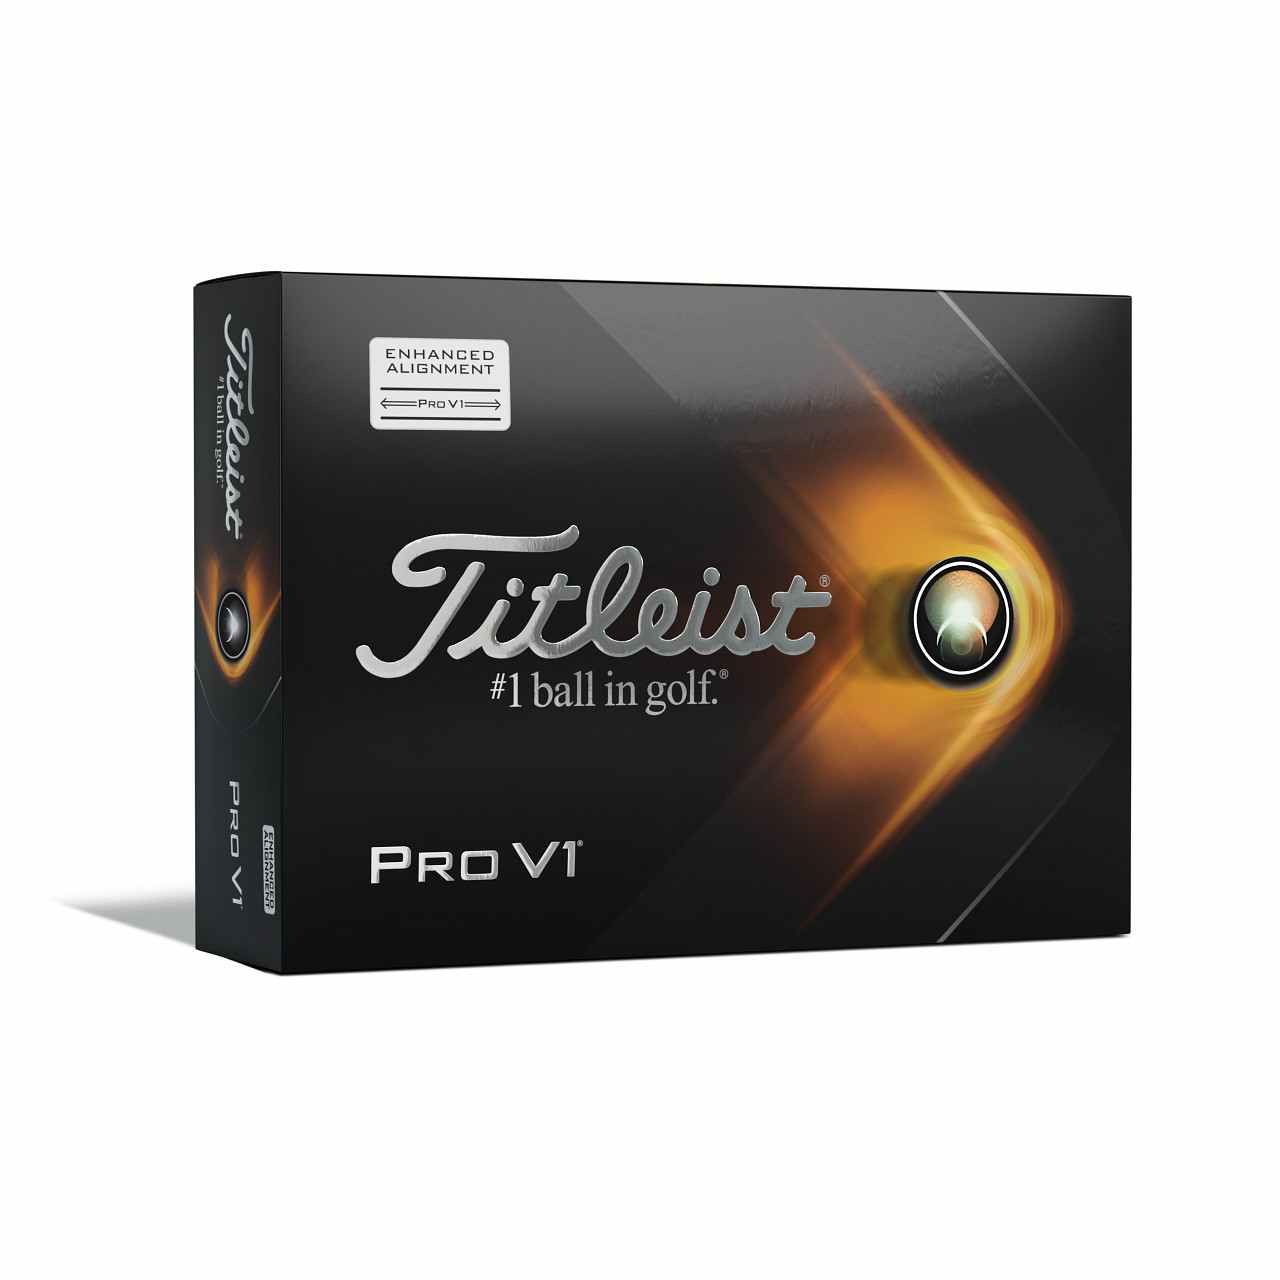 Titleist Personalized Pro V1 Dozen Golf Balls 2021 - Aim Alignment